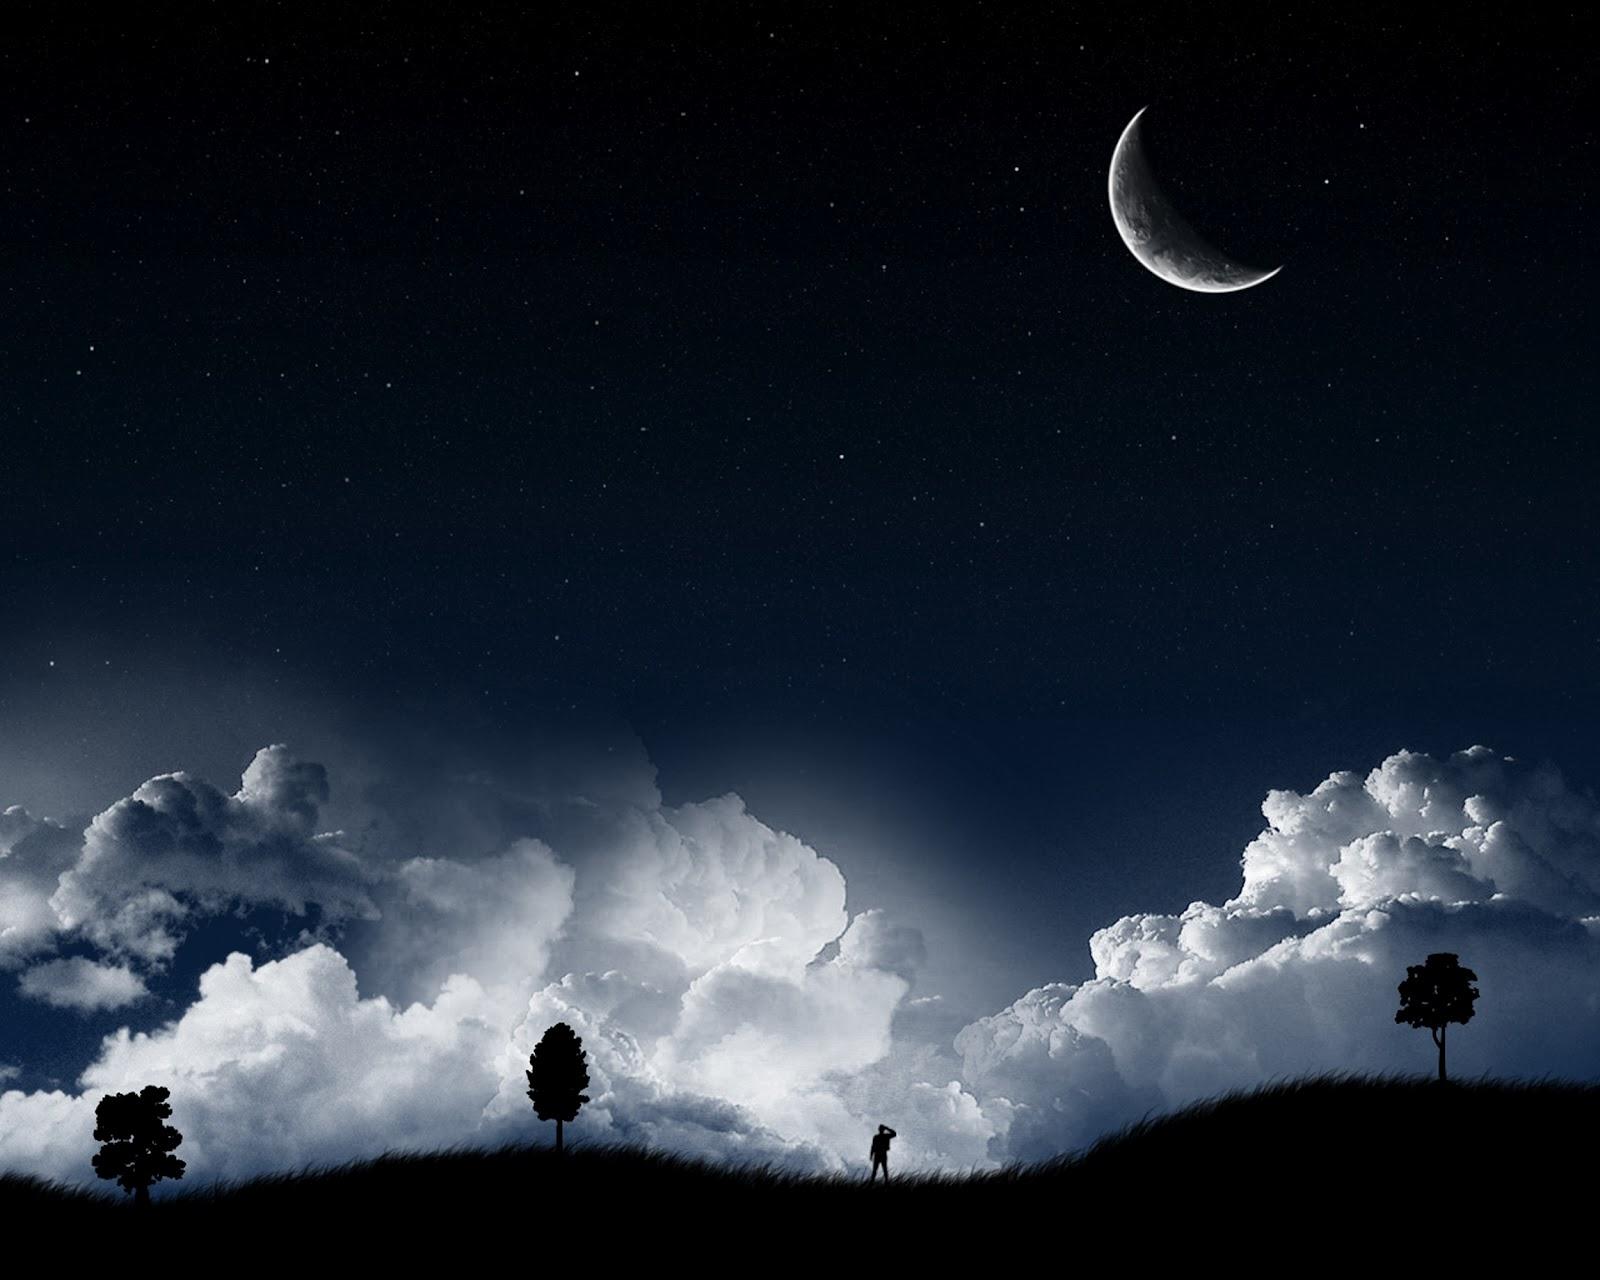 http://1.bp.blogspot.com/-RlM5T_zXyaY/UB40BIudiZI/AAAAAAAADI0/urwx42NJbqo/s1600/a_dark_starry_night_wallpaper_by_s3vendays-d151qon.jpg